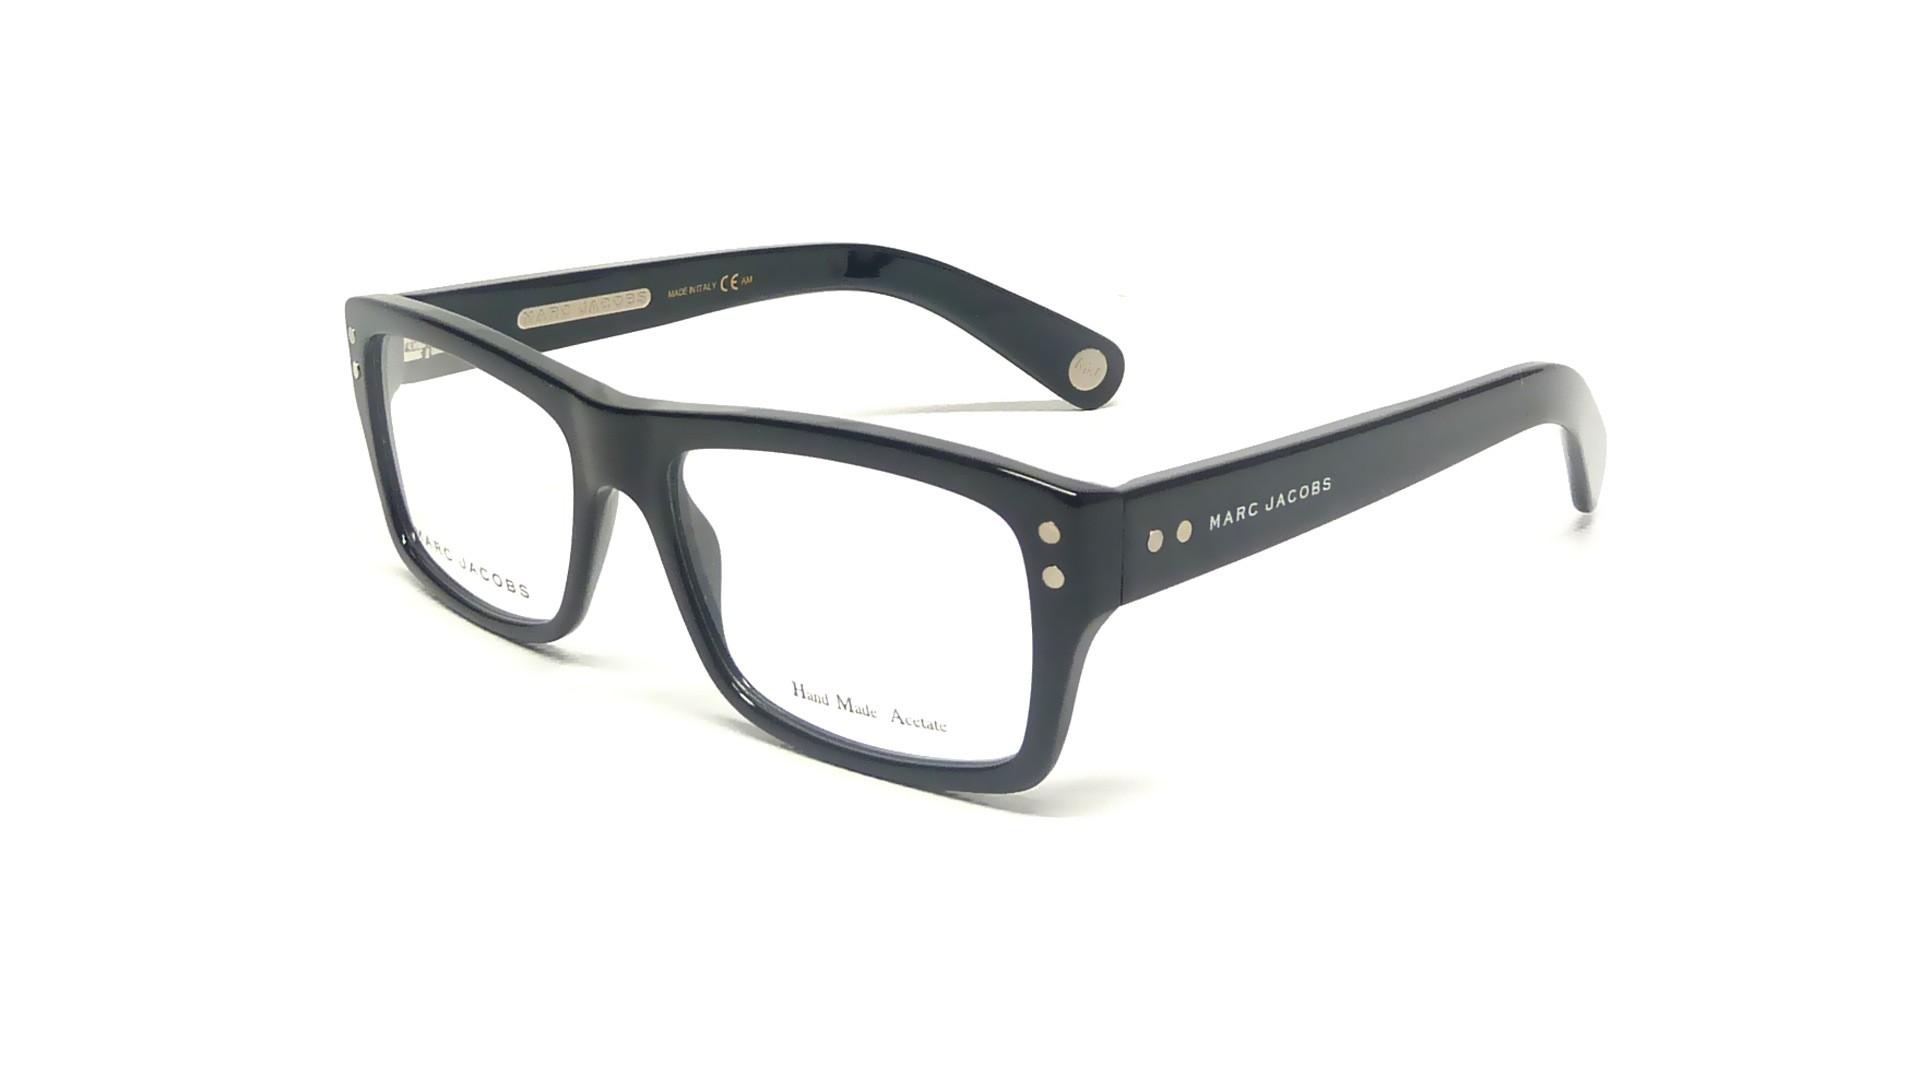 6807e0fe649272 lunette marc jacobs homme prix,marc jacobs lunettes prix